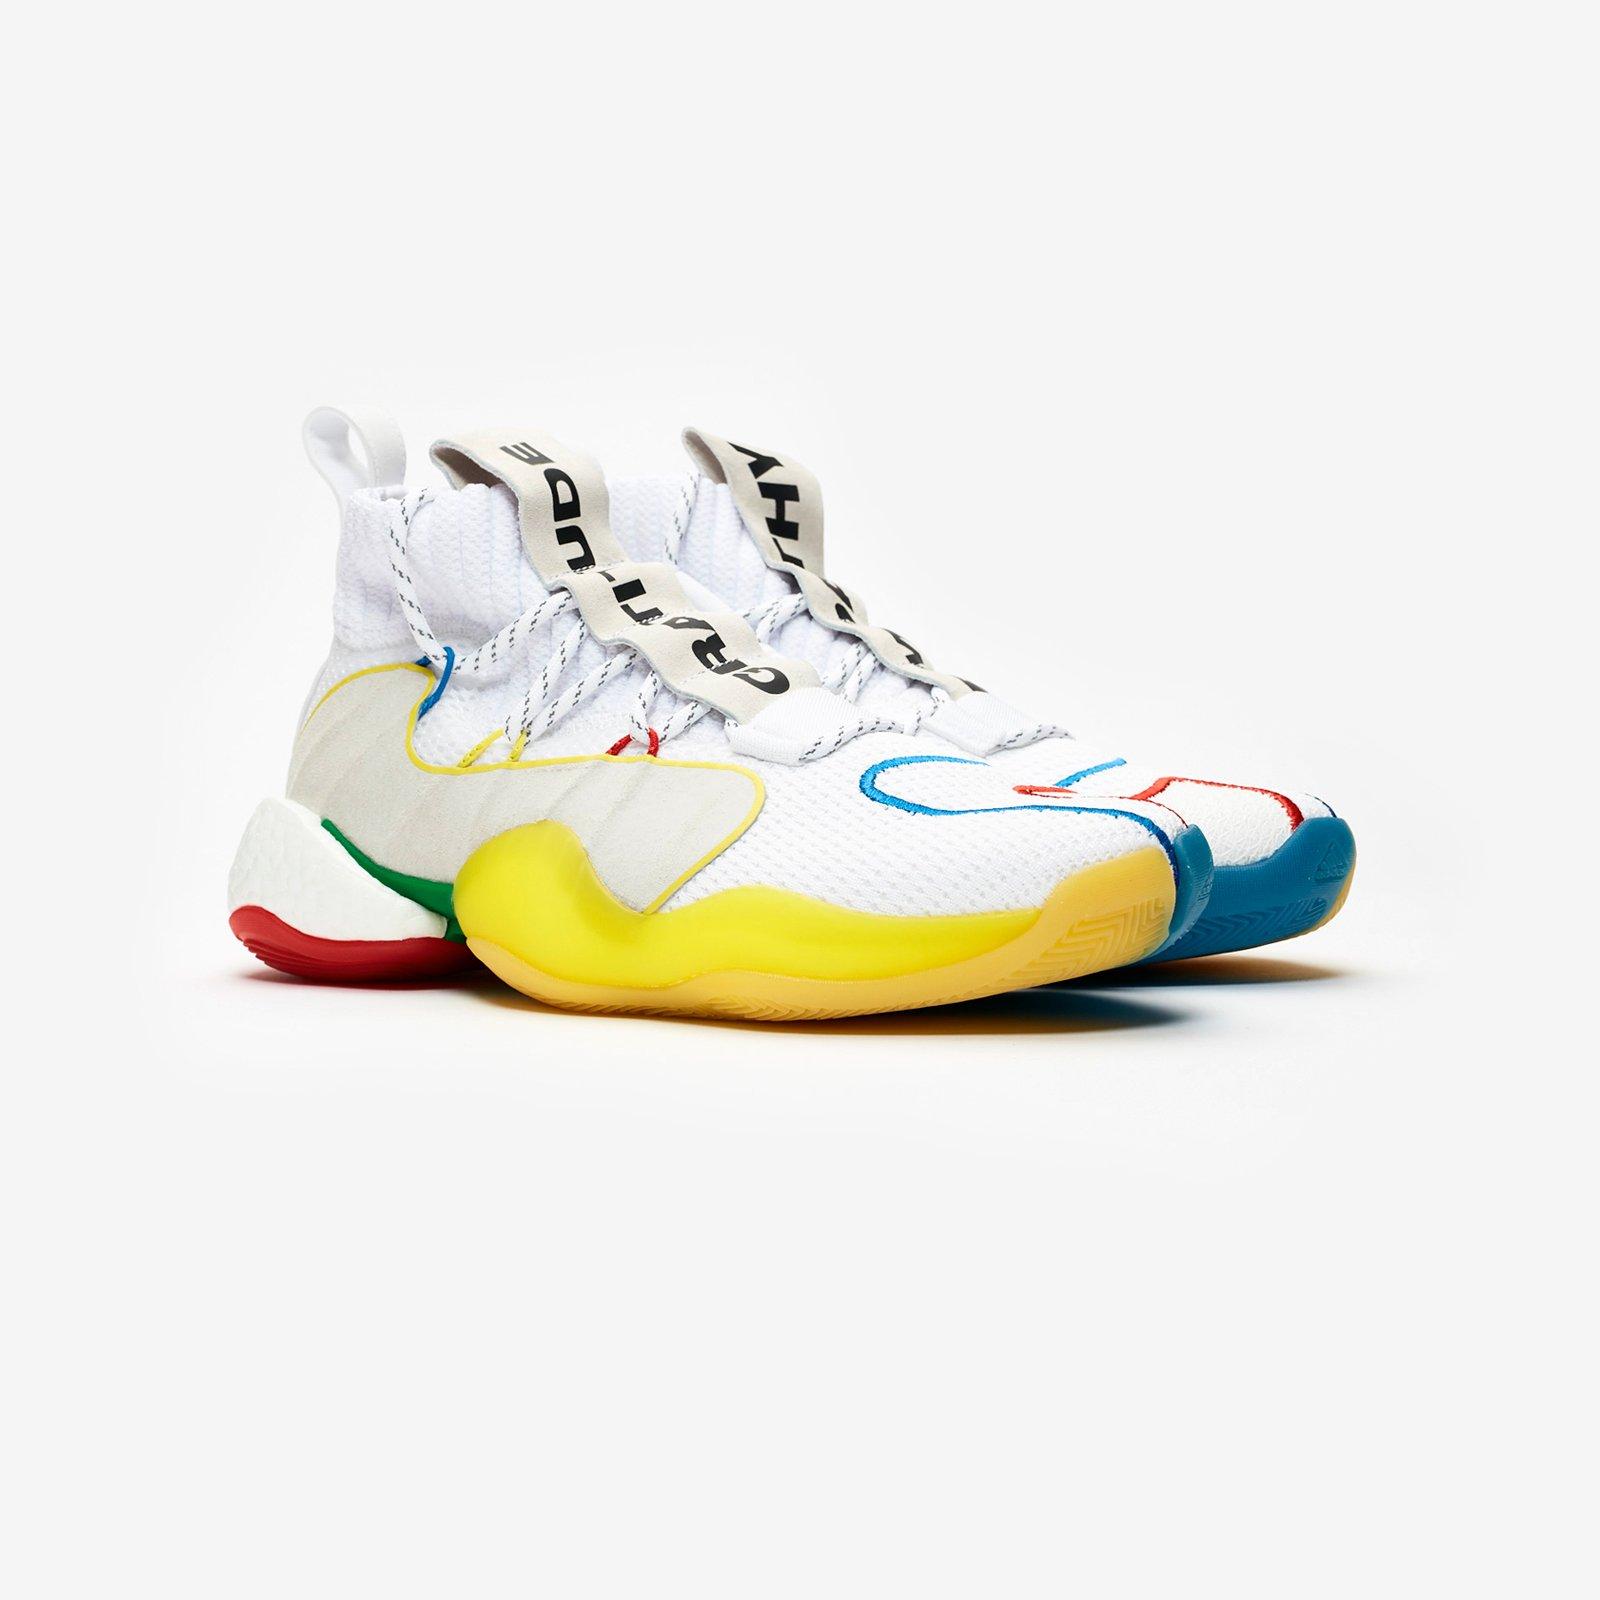 adidas Crazy BYW LVL X PW - Ef3500